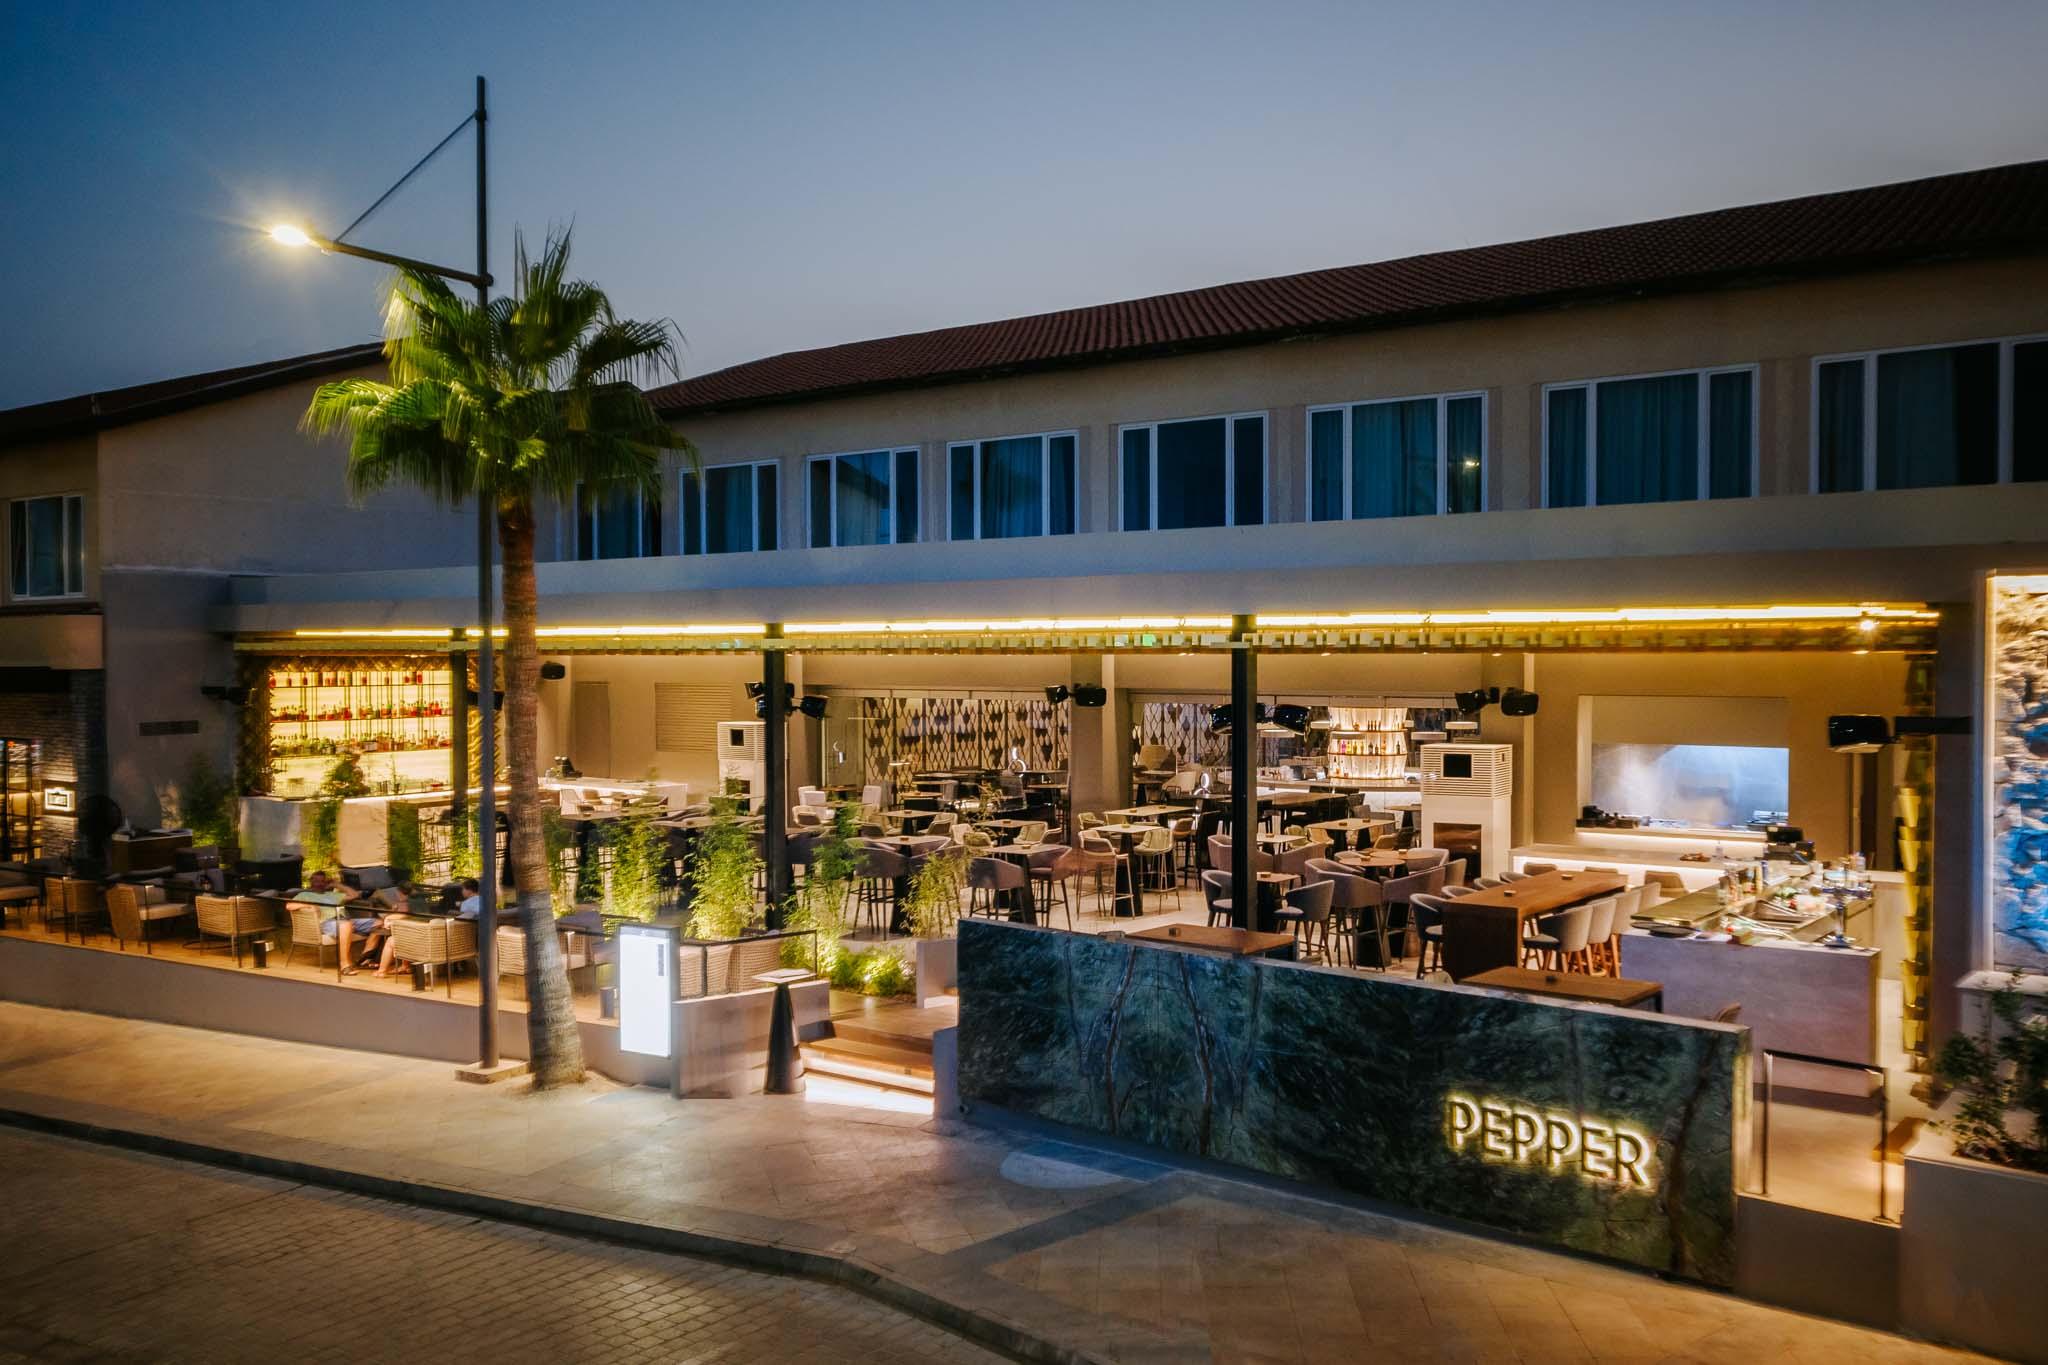 Napa-Plaza-restaurants-575